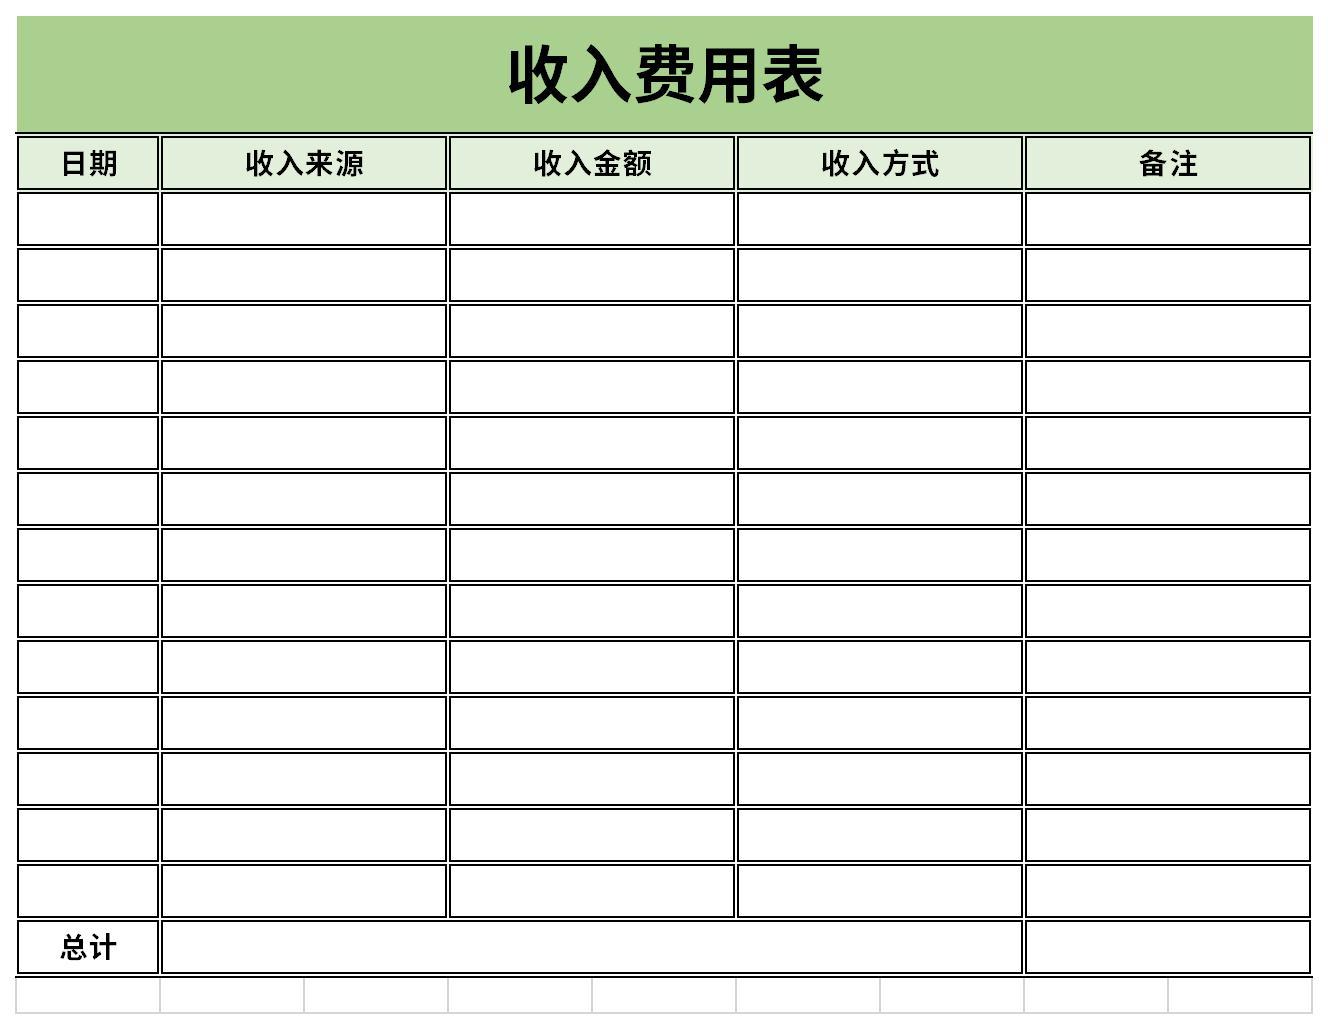 收入费用表截图